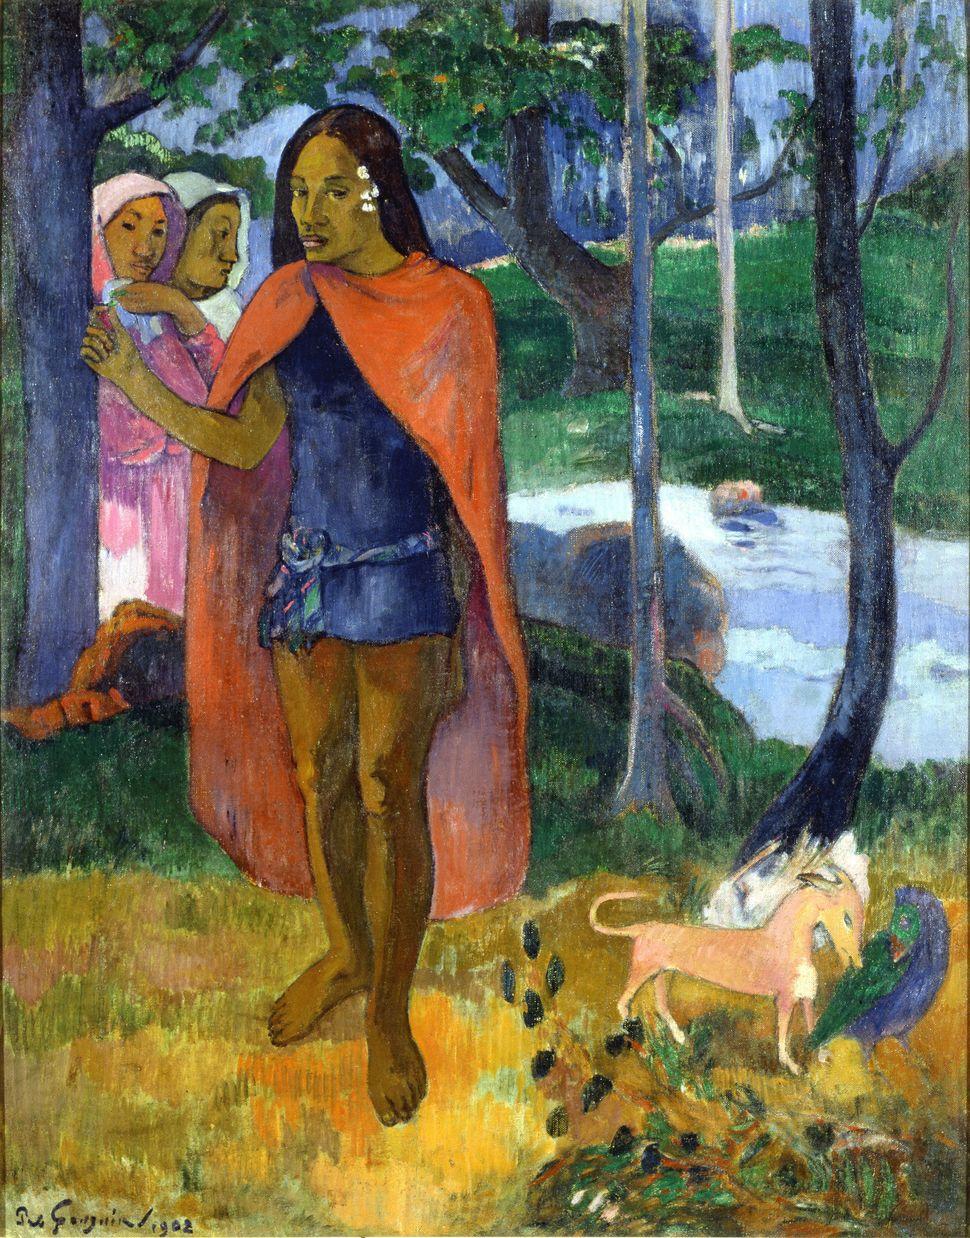 Le sorcier d'Hiva Oa ou Le Marquisien à la cape rouge, 1902 © Paul Gauguin (Paris, 1848 – Iles Marquises, 1903) © Musée des B